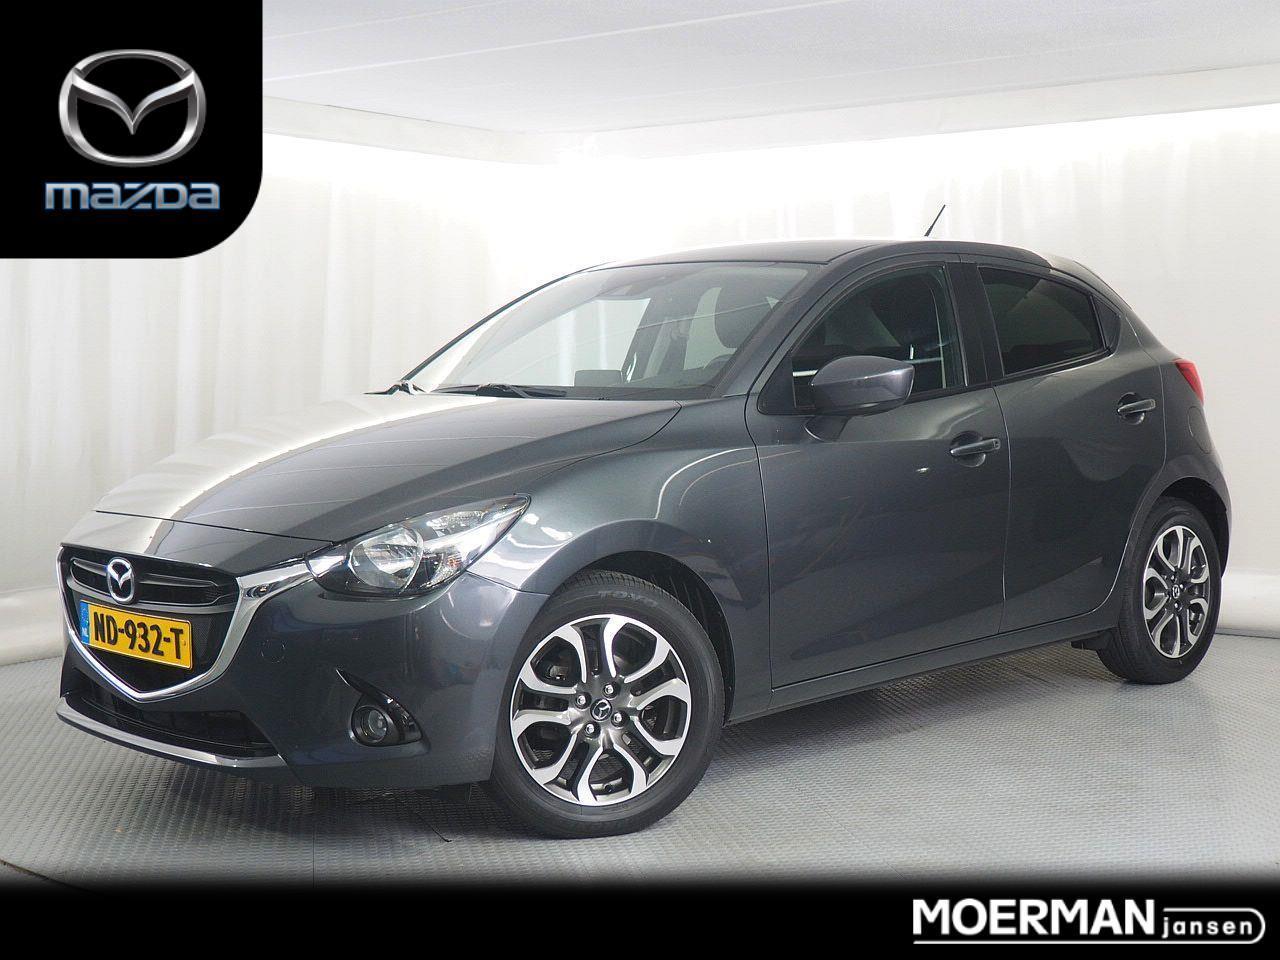 Mazda 2 1.5 skyactiv-g gt-m line / navigatie / camera / stoelverwaring / dealer onderhouden / 29.000km